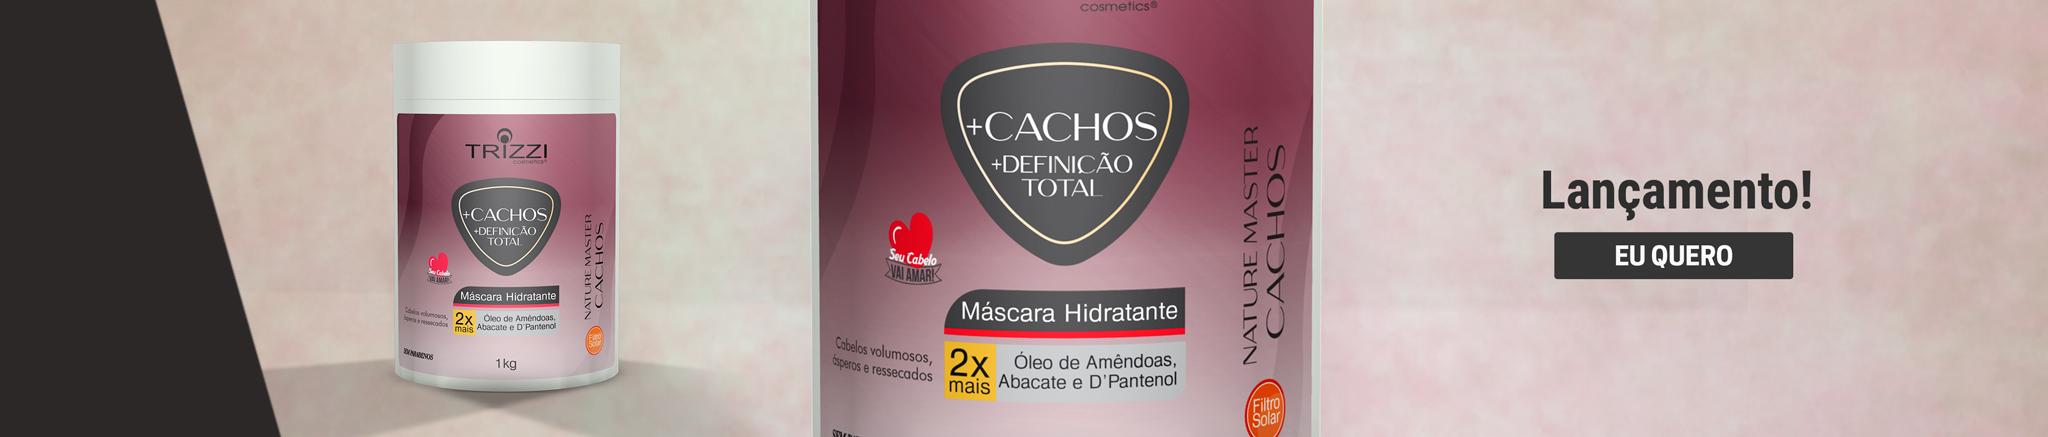 Máscara +Cachos